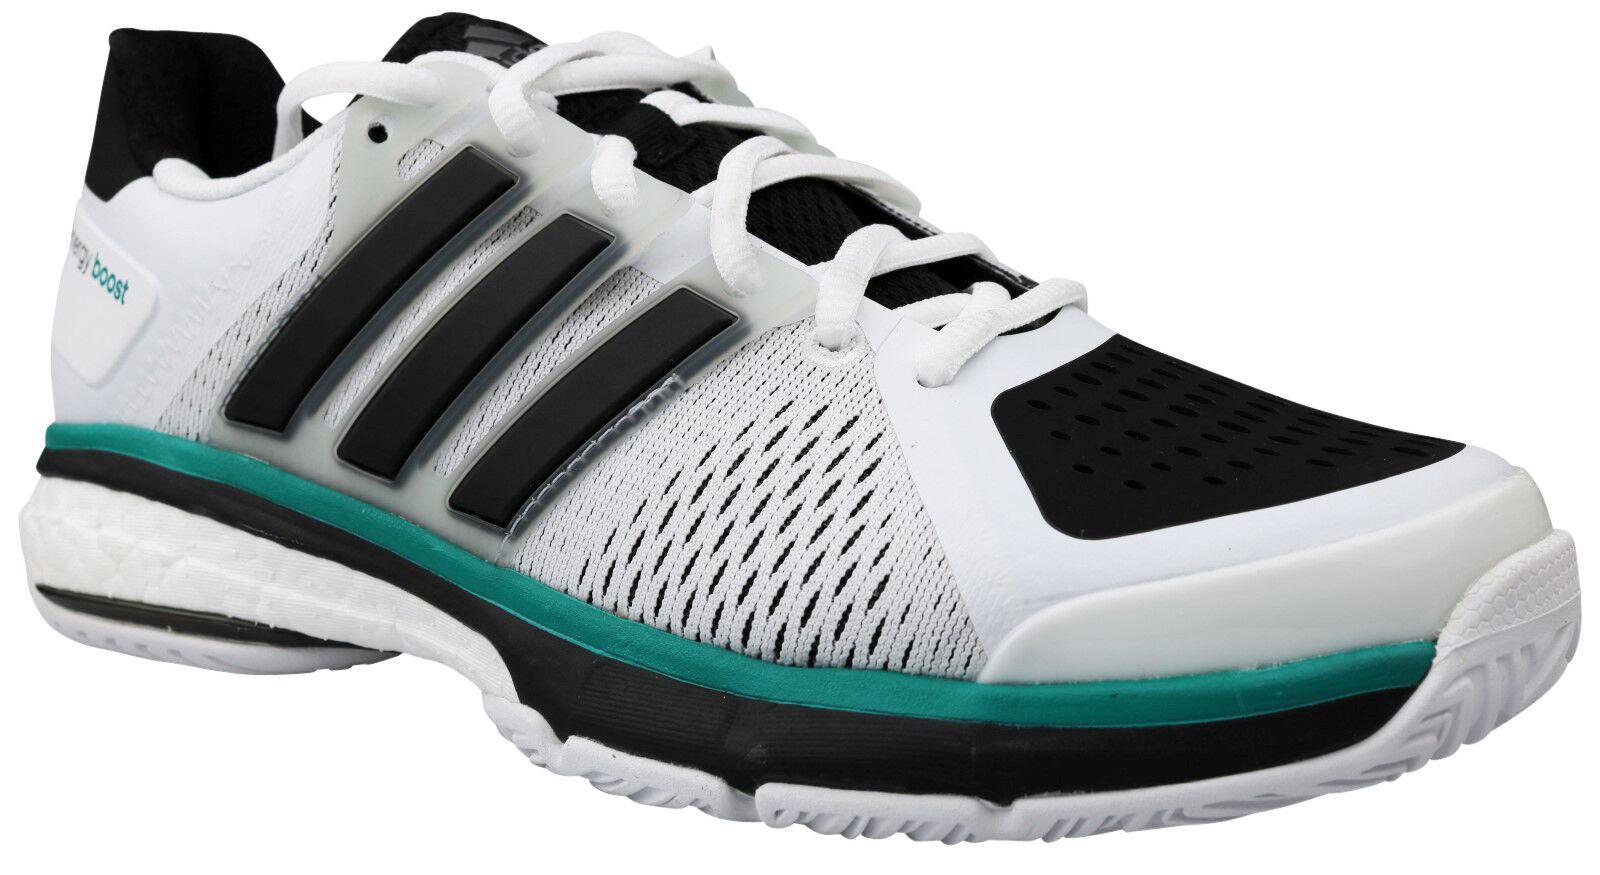 Adidas Tennis Energy Boost Tennisschuhe white S82693 Gr. 38 - 40,5 NEU OVP